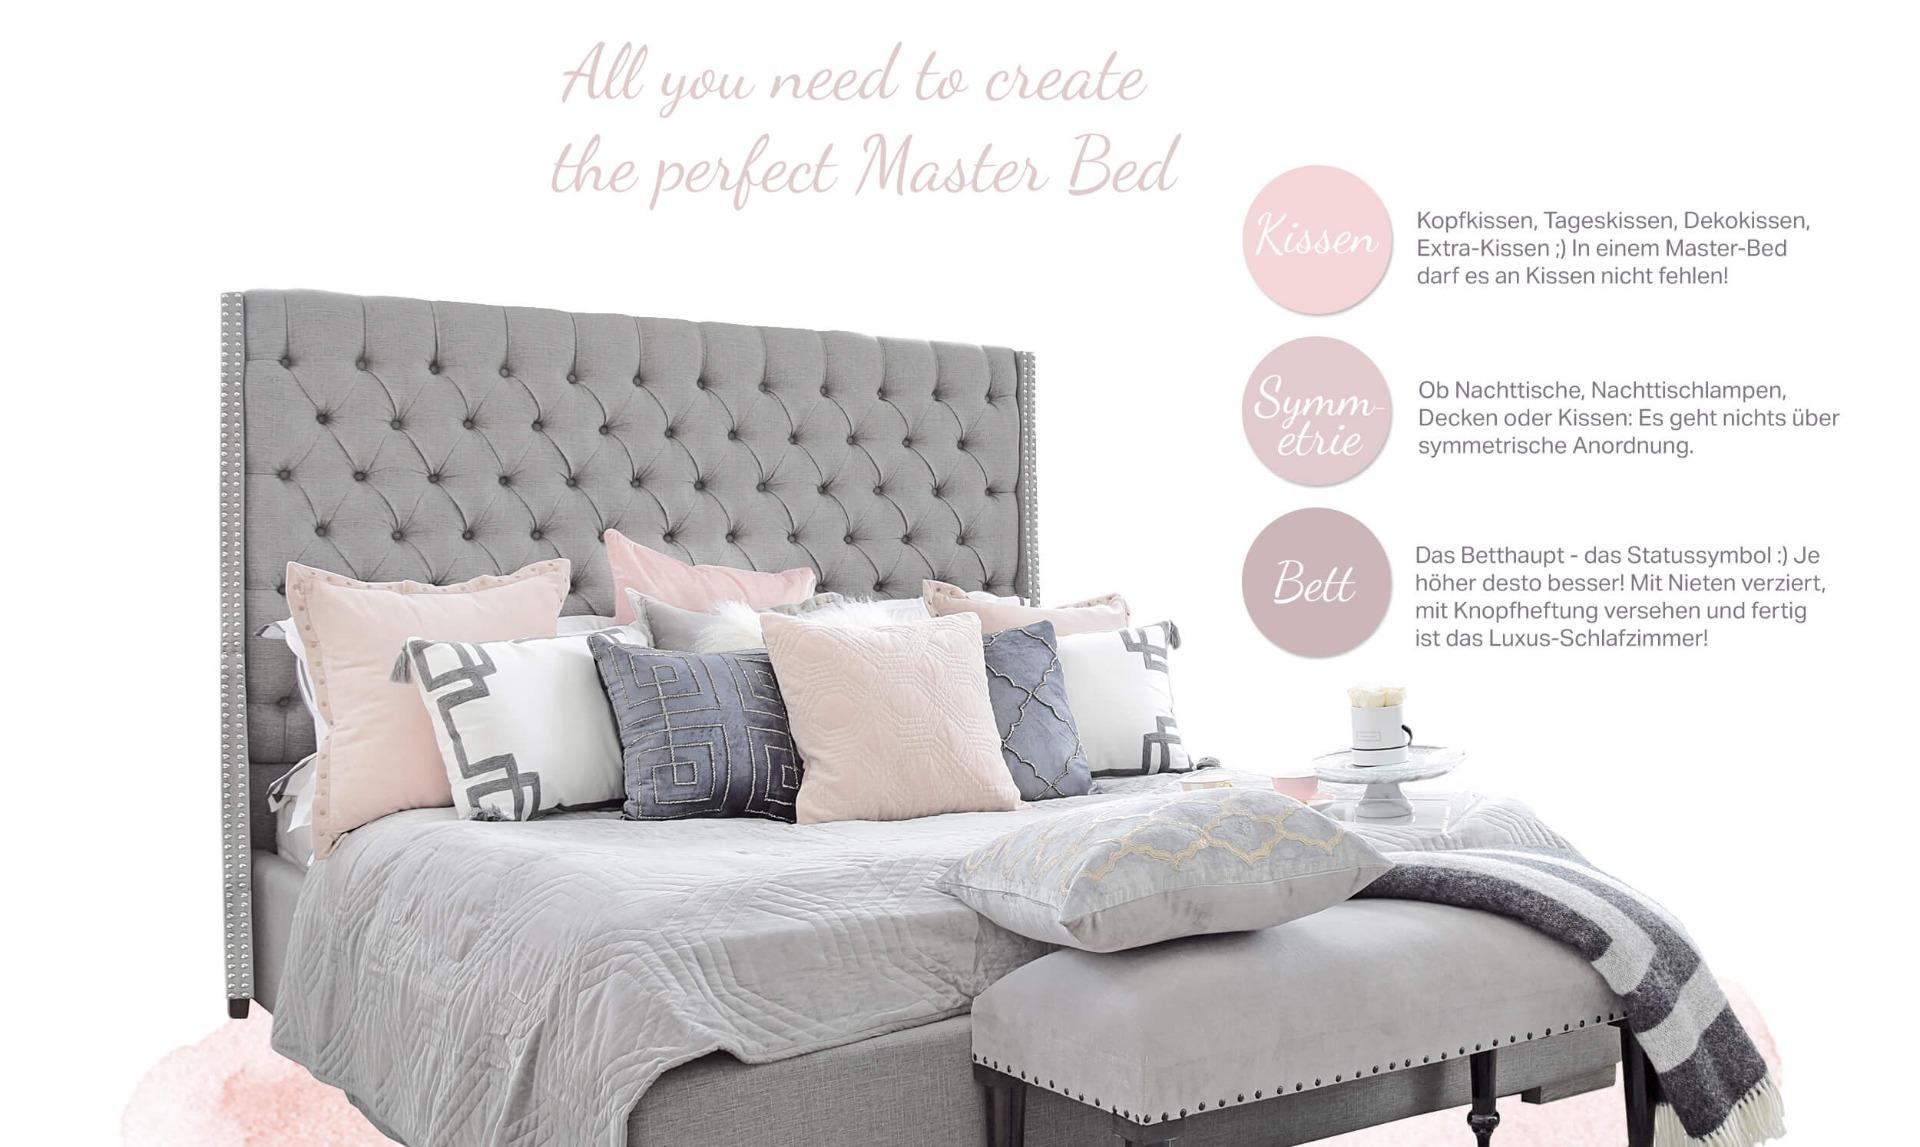 Full Size of Altrosa Schlafzimmer Master Bedroom In Grau Rosa Looks Led Deckenleuchte Klimagerät Für Fototapete Kommode Weiß Günstige Set Günstig Truhe Deko Komplett Wohnzimmer Altrosa Schlafzimmer